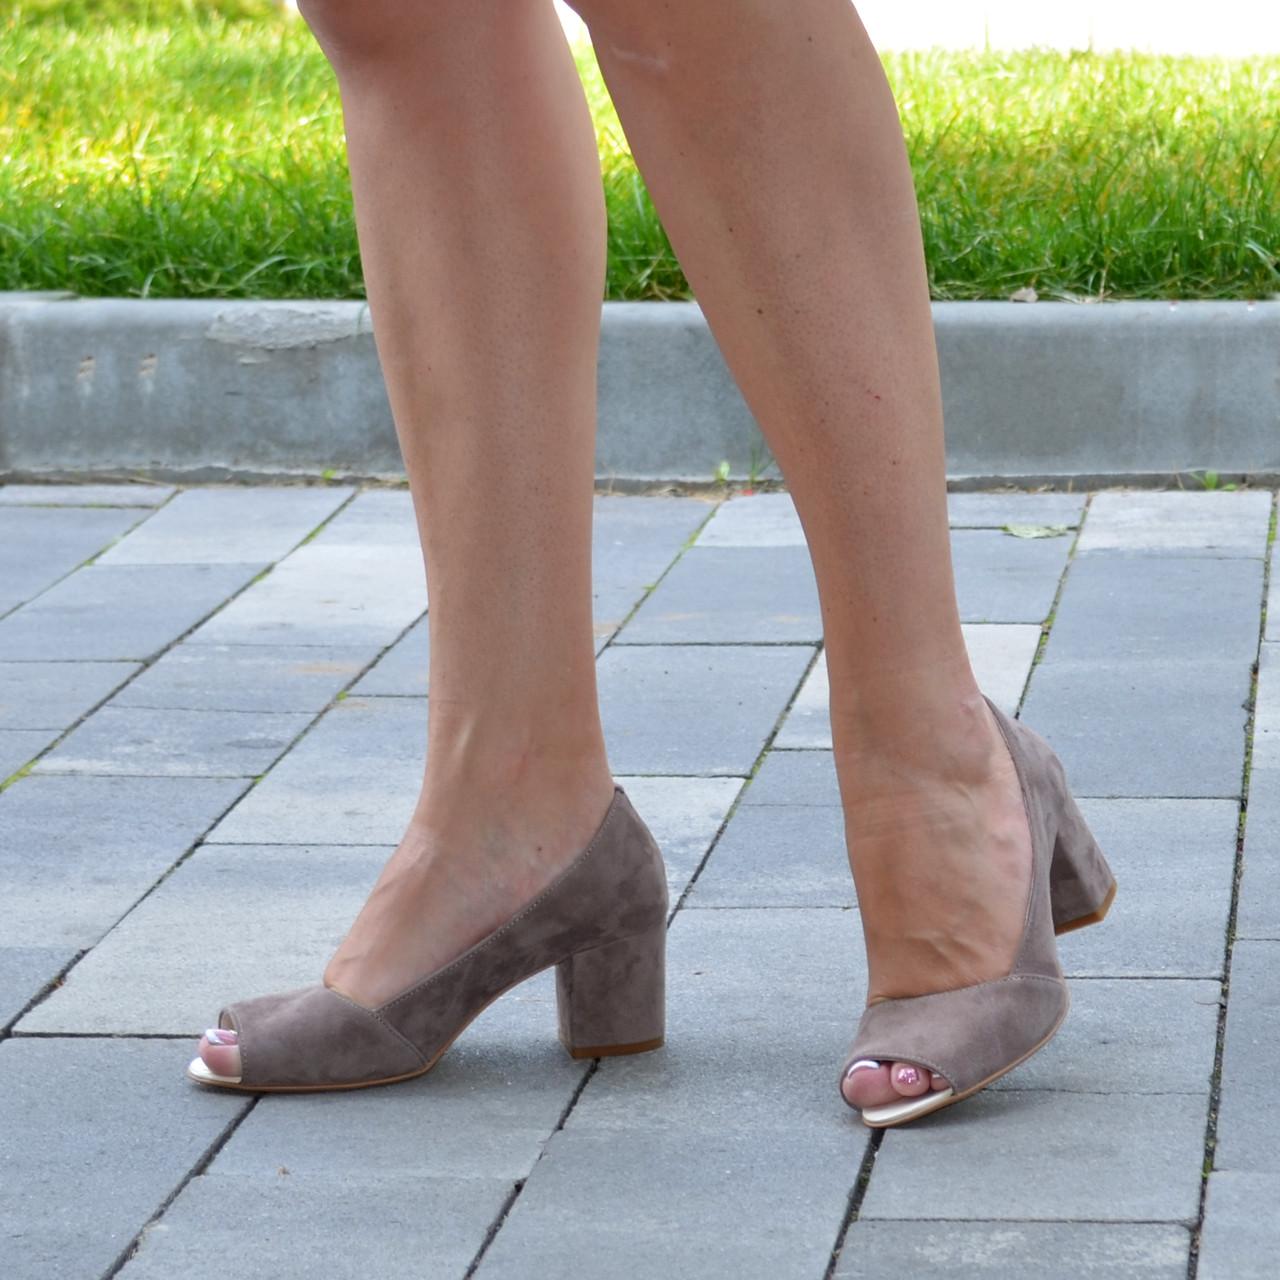 Туфли замшевые с открытым носком, на невысоком устойчивом каблуке. Цвет бежевый